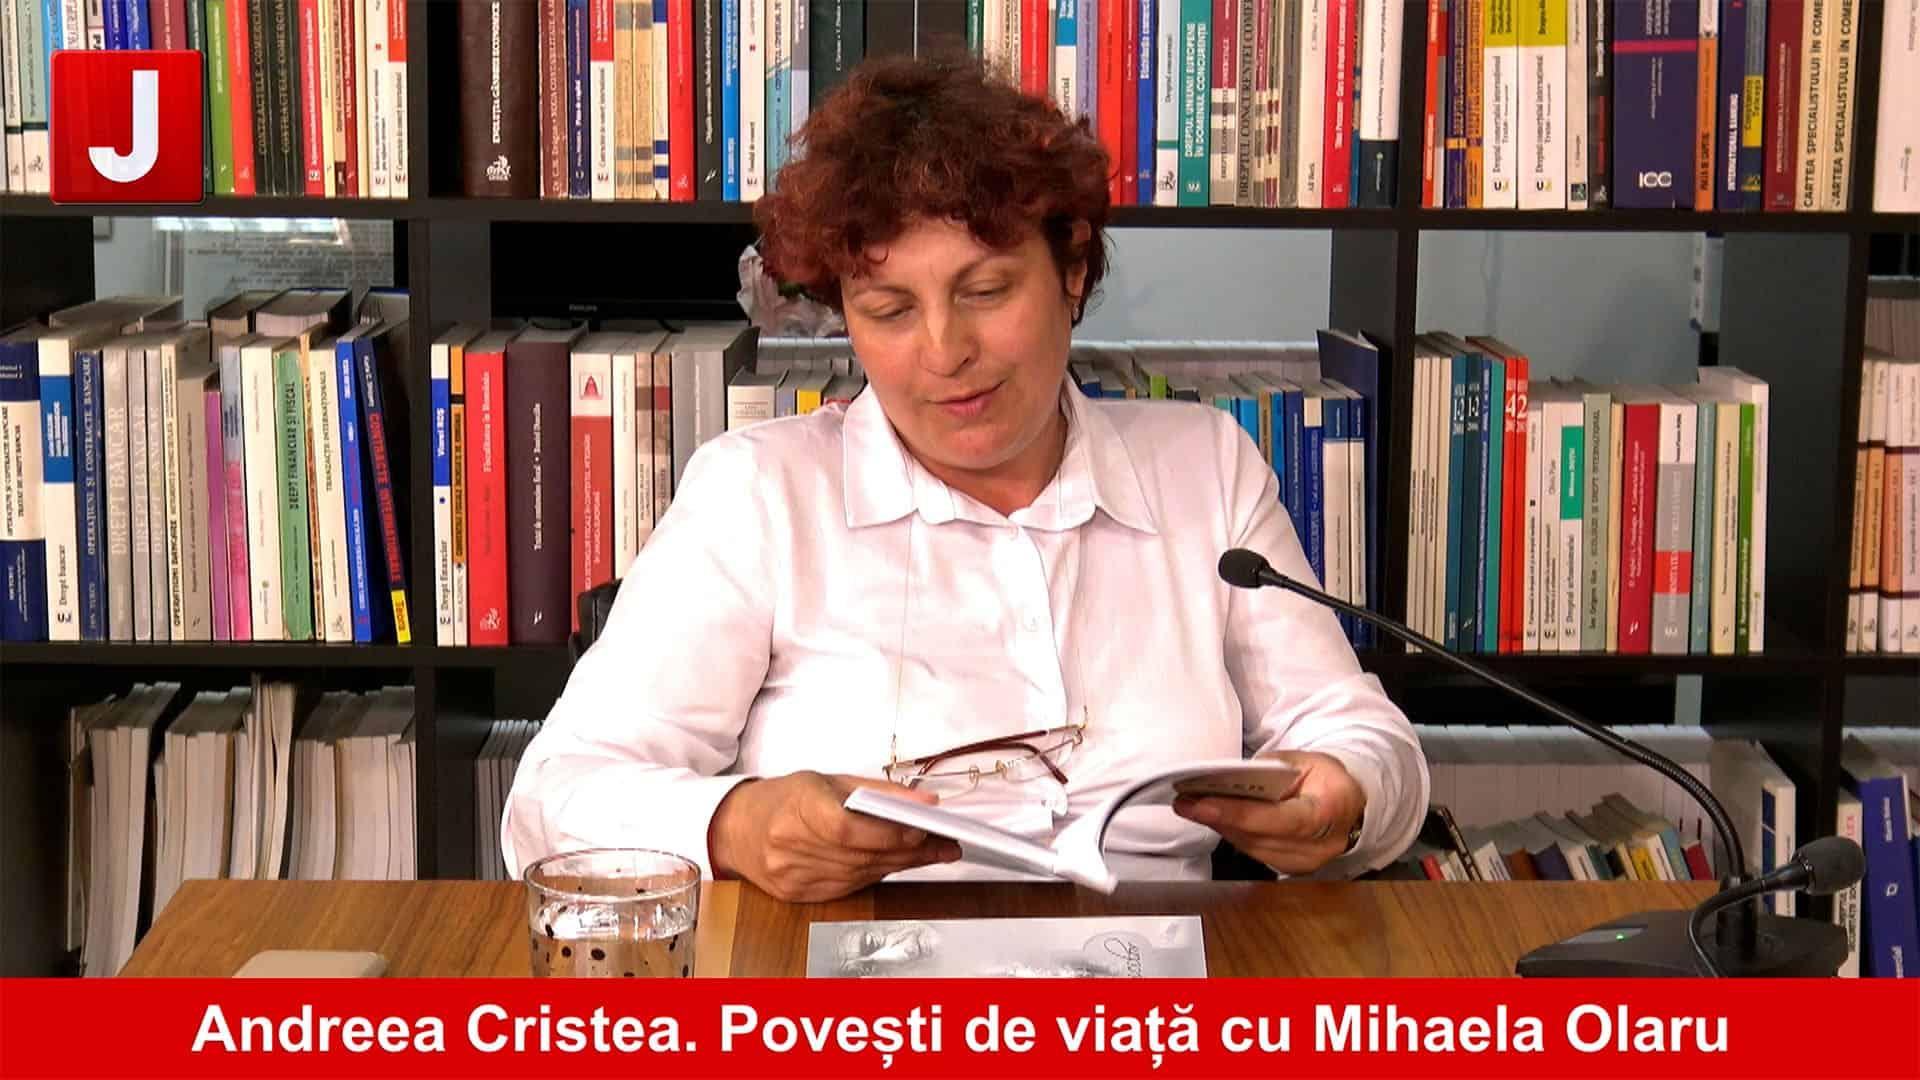 Poezia, prin ochii unui avocat, Andreea Cristea   Povești de viață cu Mihaela Olaru